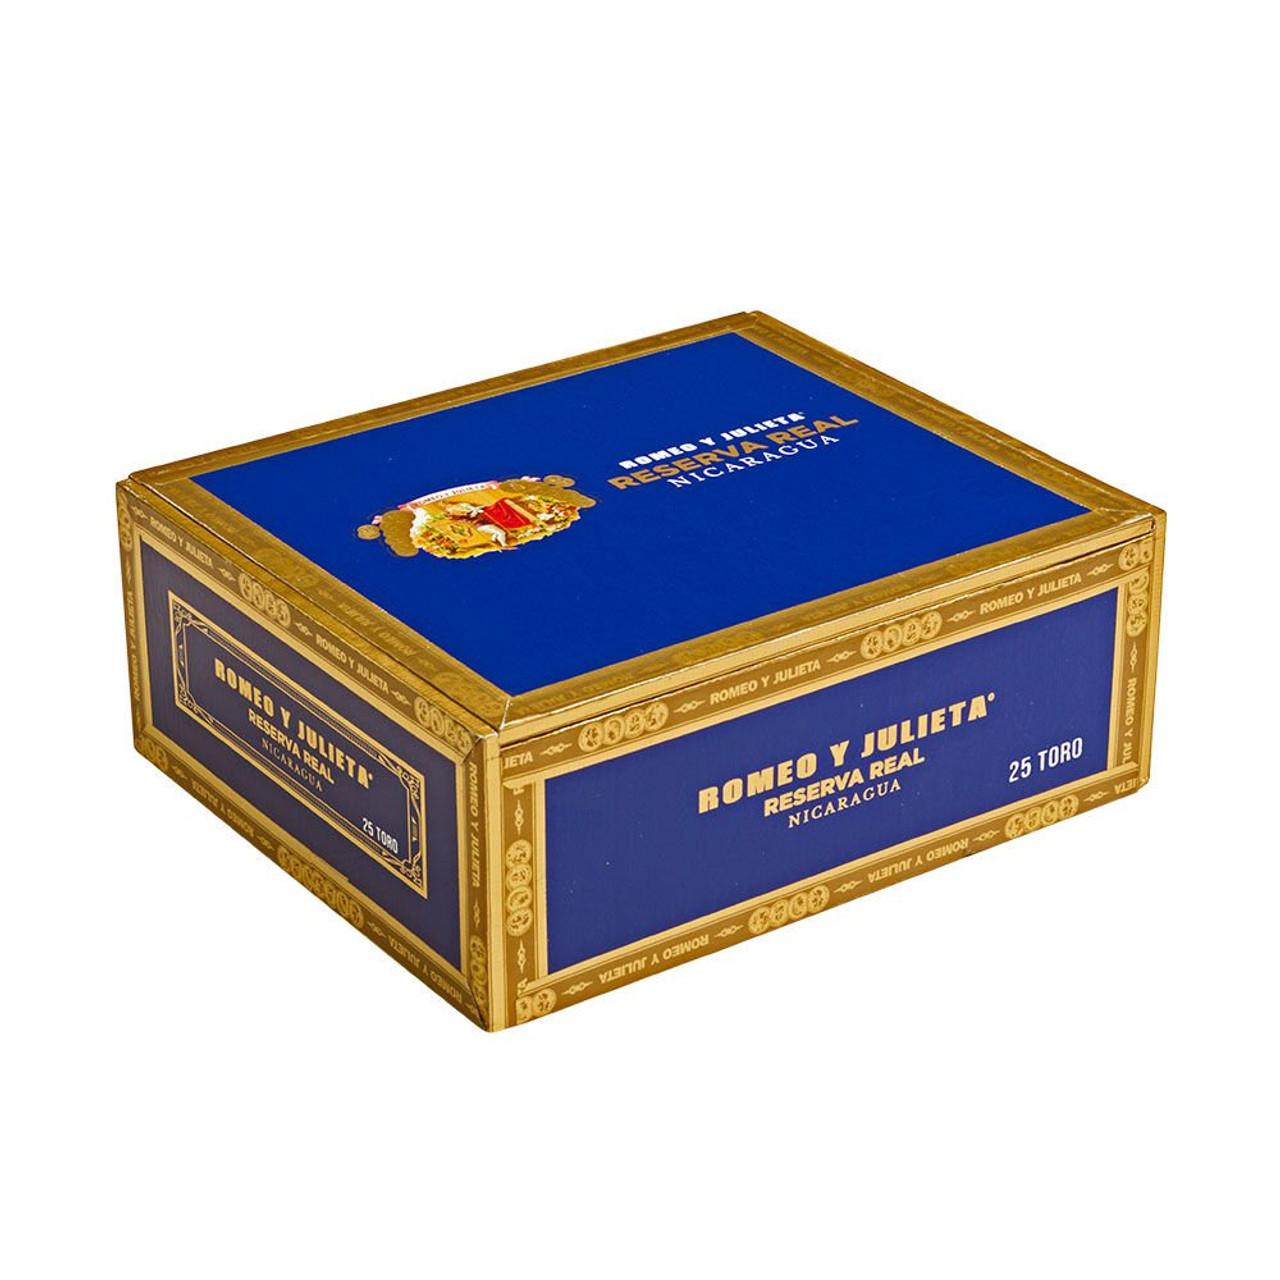 Romeo y Julieta Reserva Real Nicaragua Magnum Cigars - 6 x 60 (Box of 20)